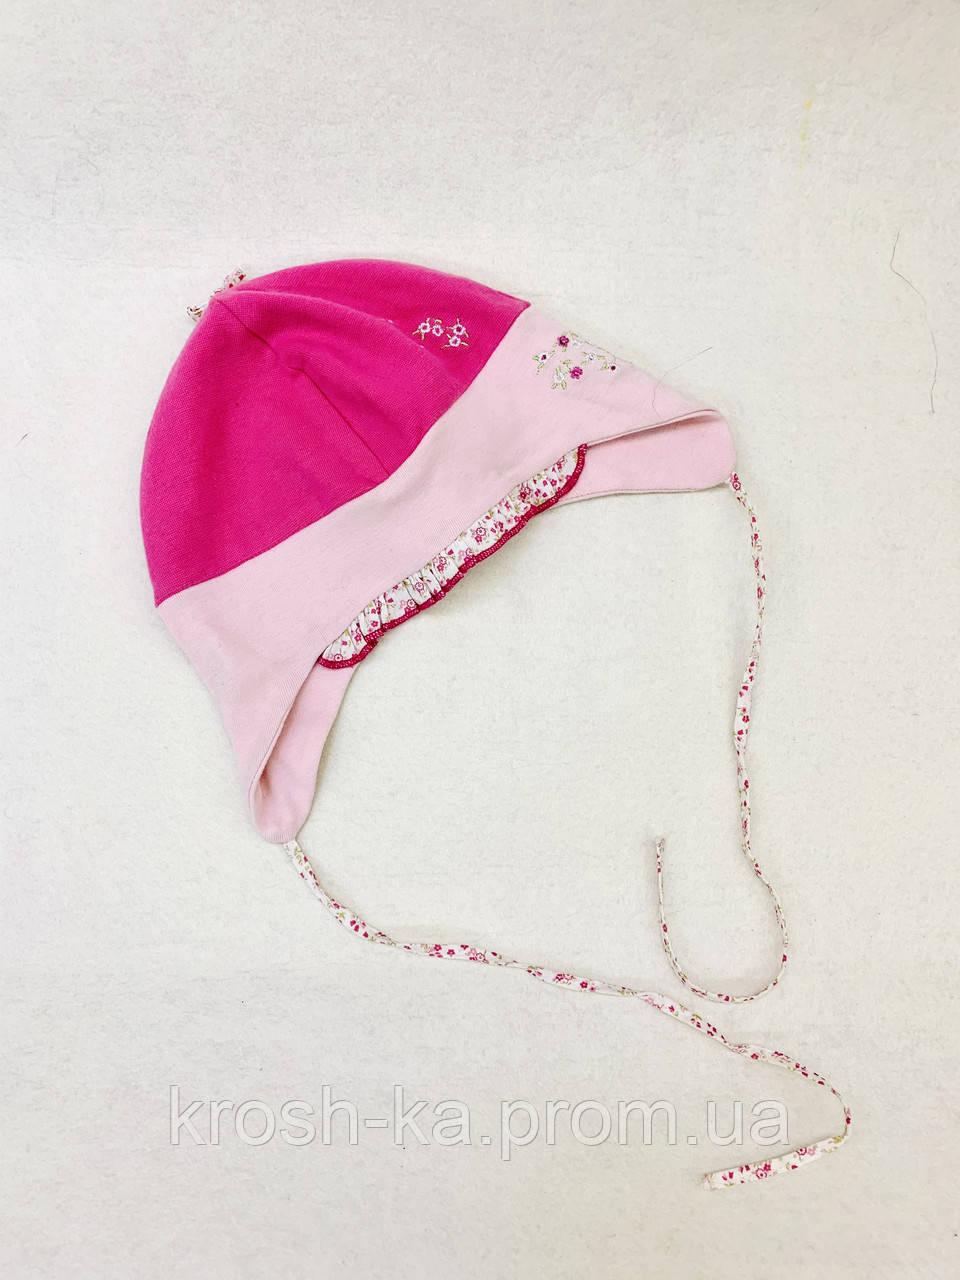 Шапка для девочки (50)р на завязках трикотажная розовый Dominka Польша 36587